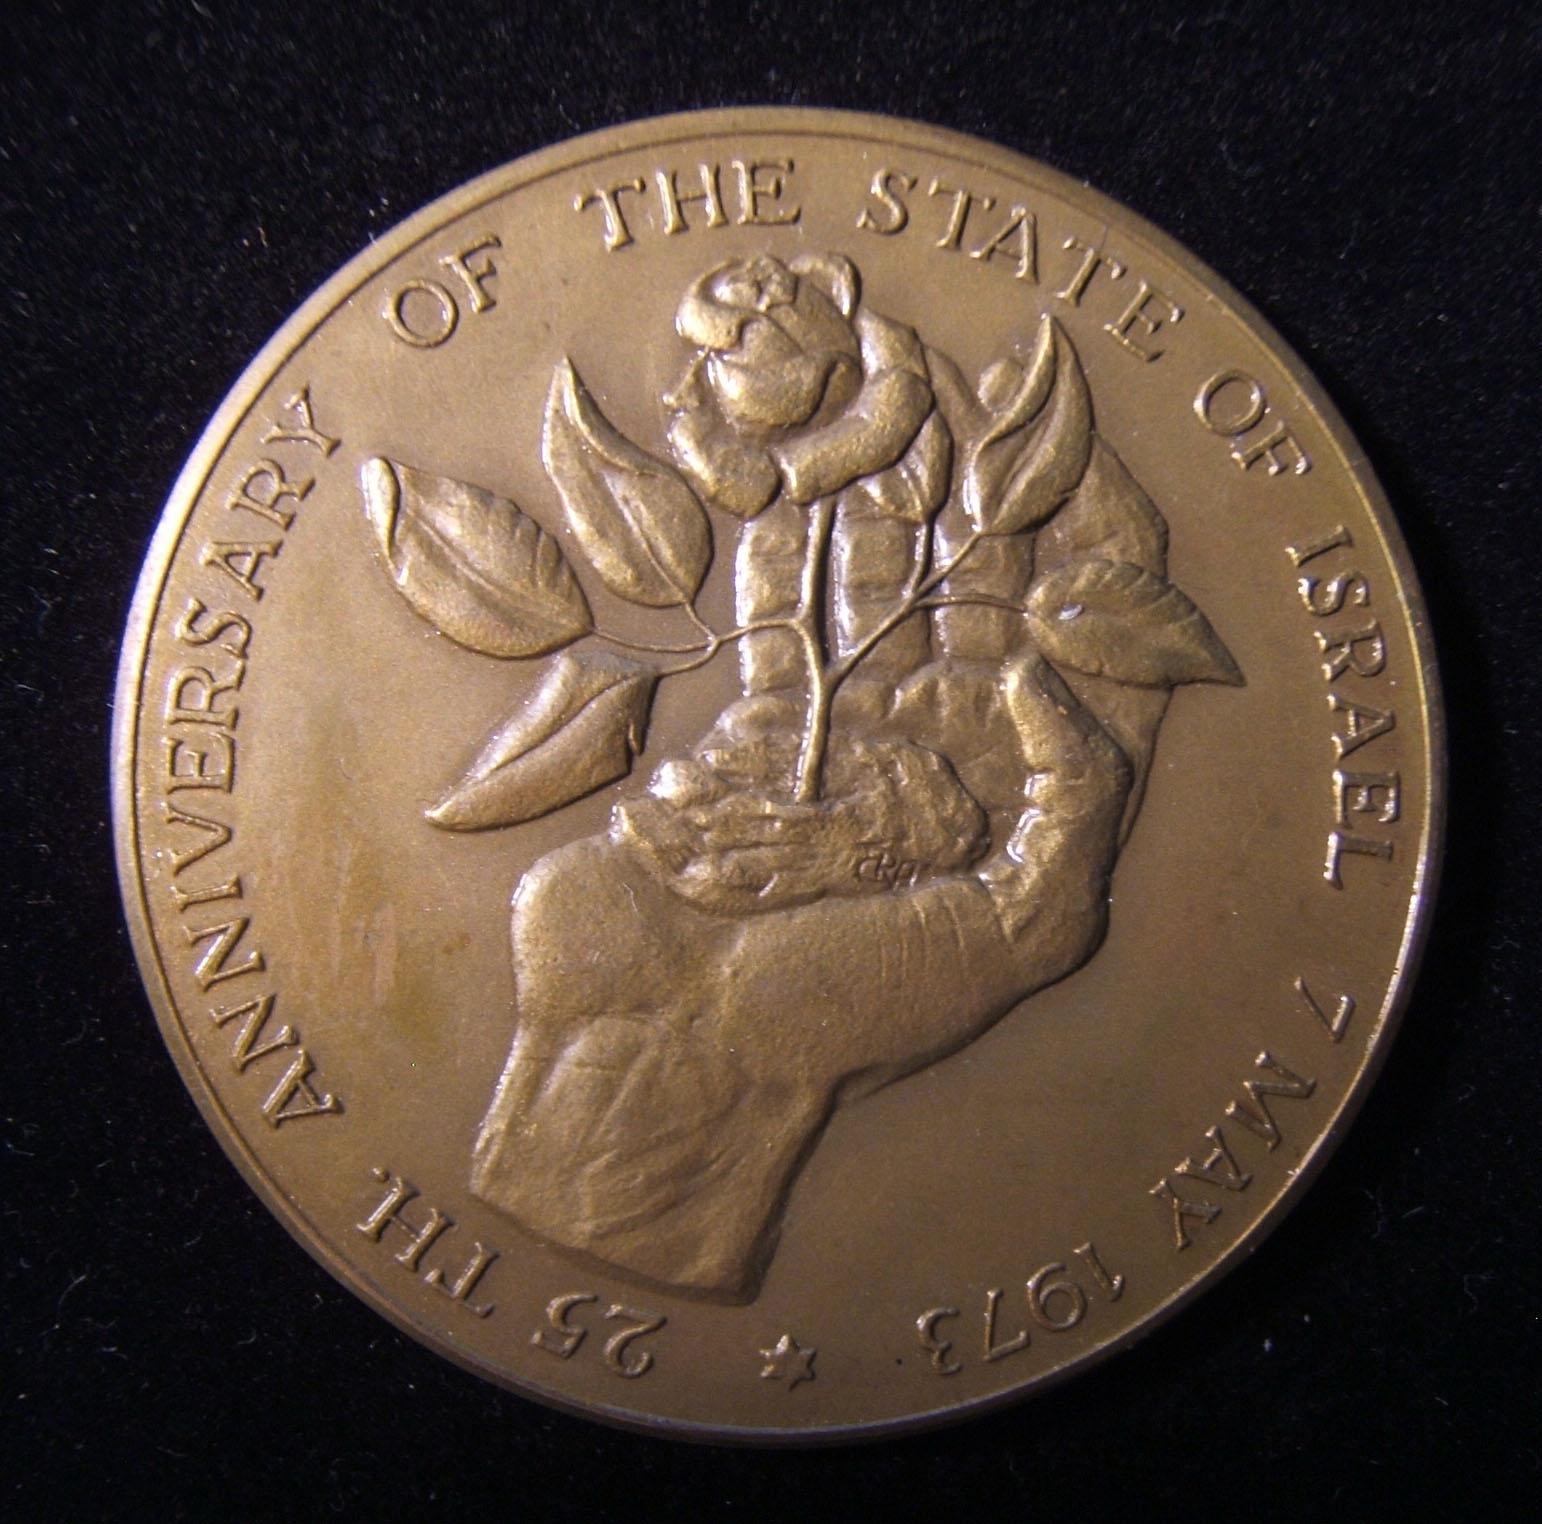 25 שנה למדליית ארד ישראל מאת רודי אוגוסטין 1973